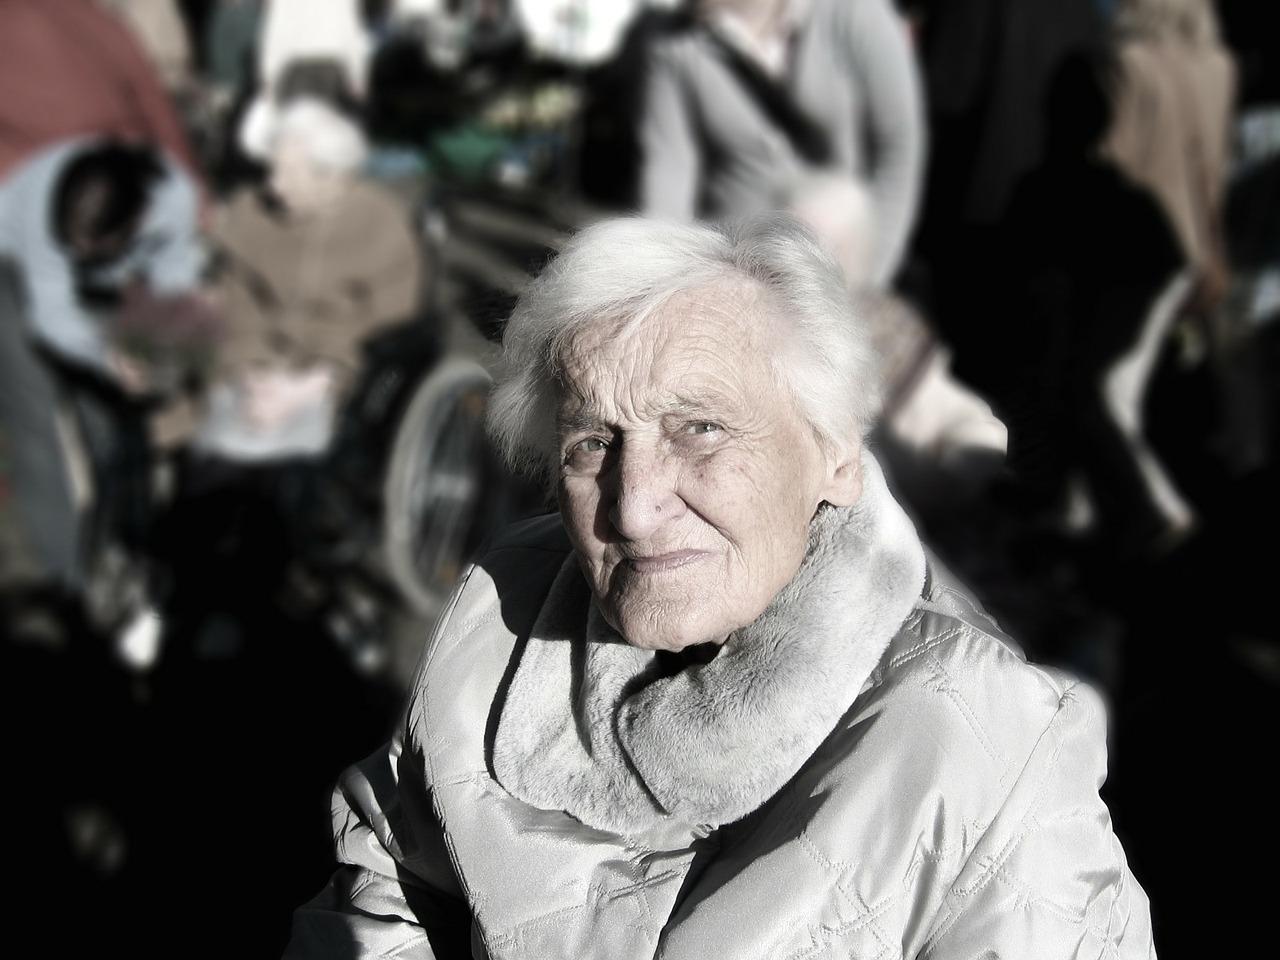 100歳まで生きるために気を付けるべきこと。